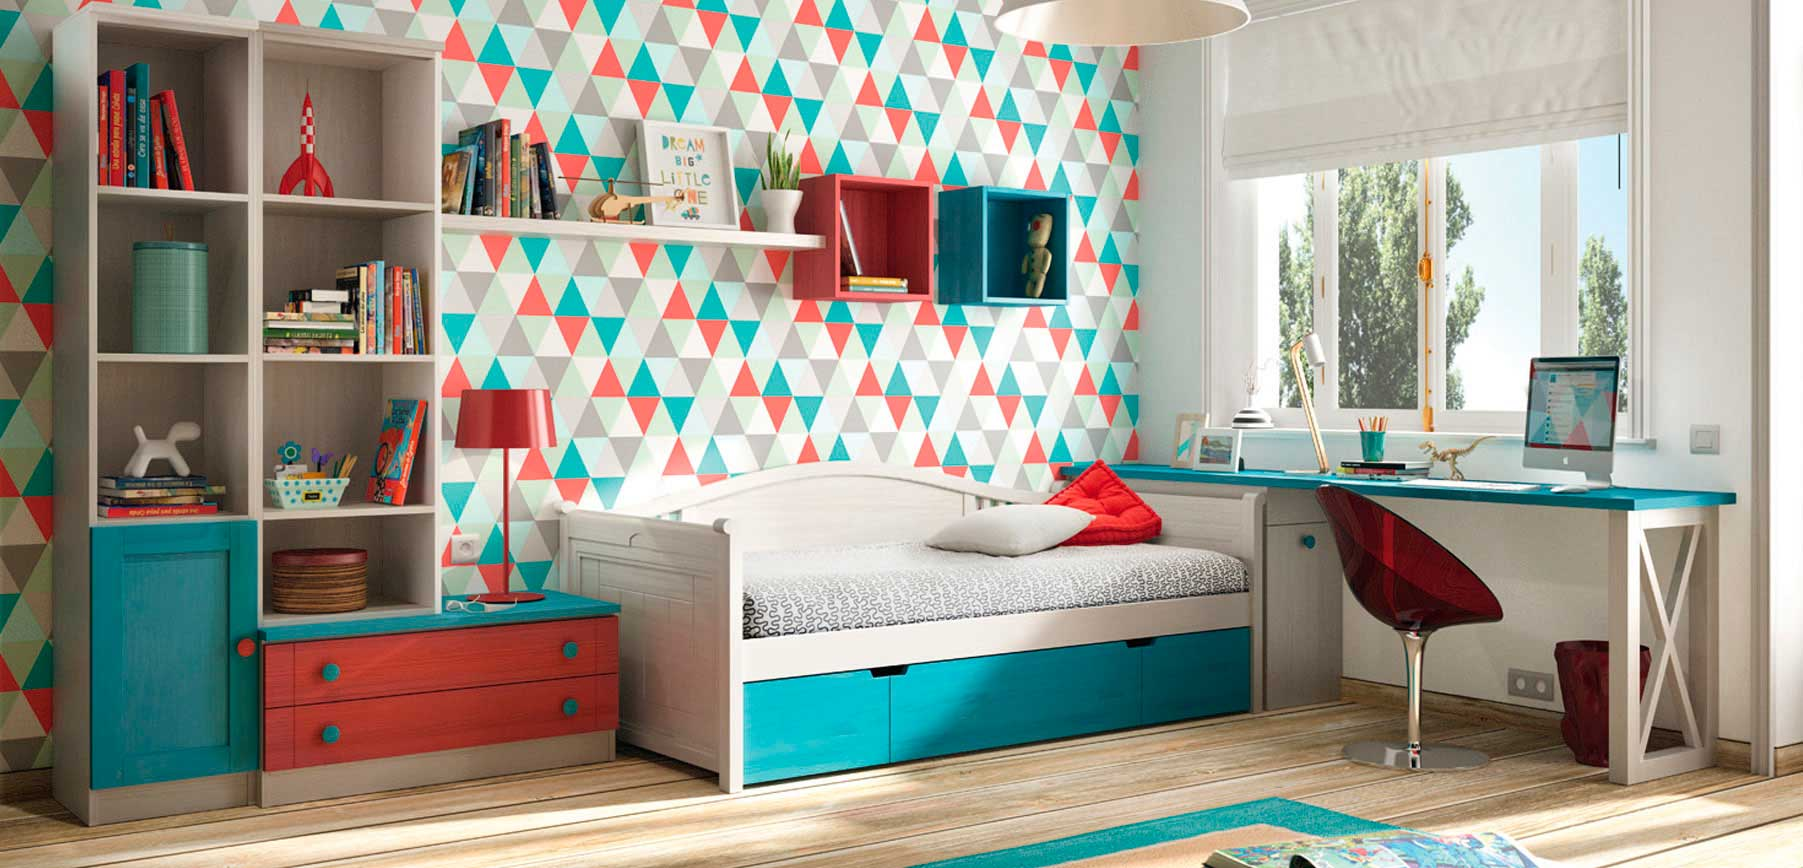 Muebles GRUPOSEYS - Muebles de Comedor, Dormitorios y Juveniles | Furniture | Meubles | мебель seys-7-optim Inicio